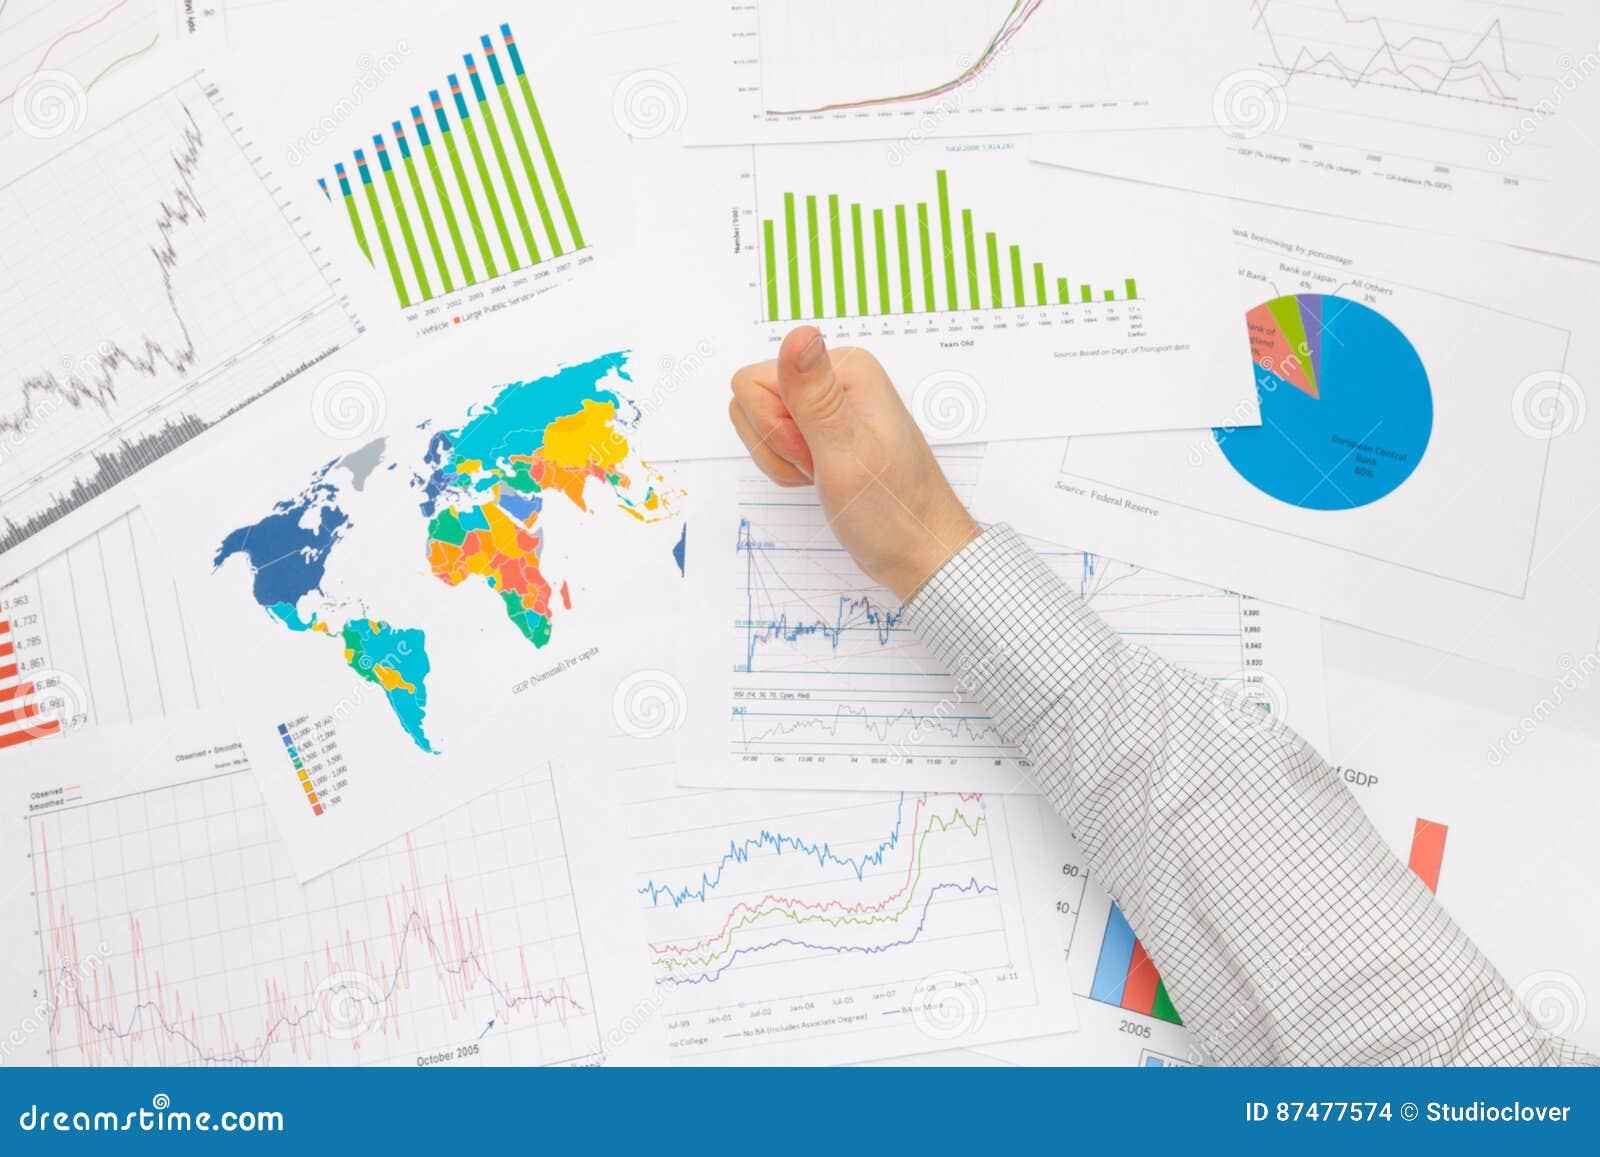 Бизнесмен на таблице при различные финансовые данные держа большой палец руки вверх